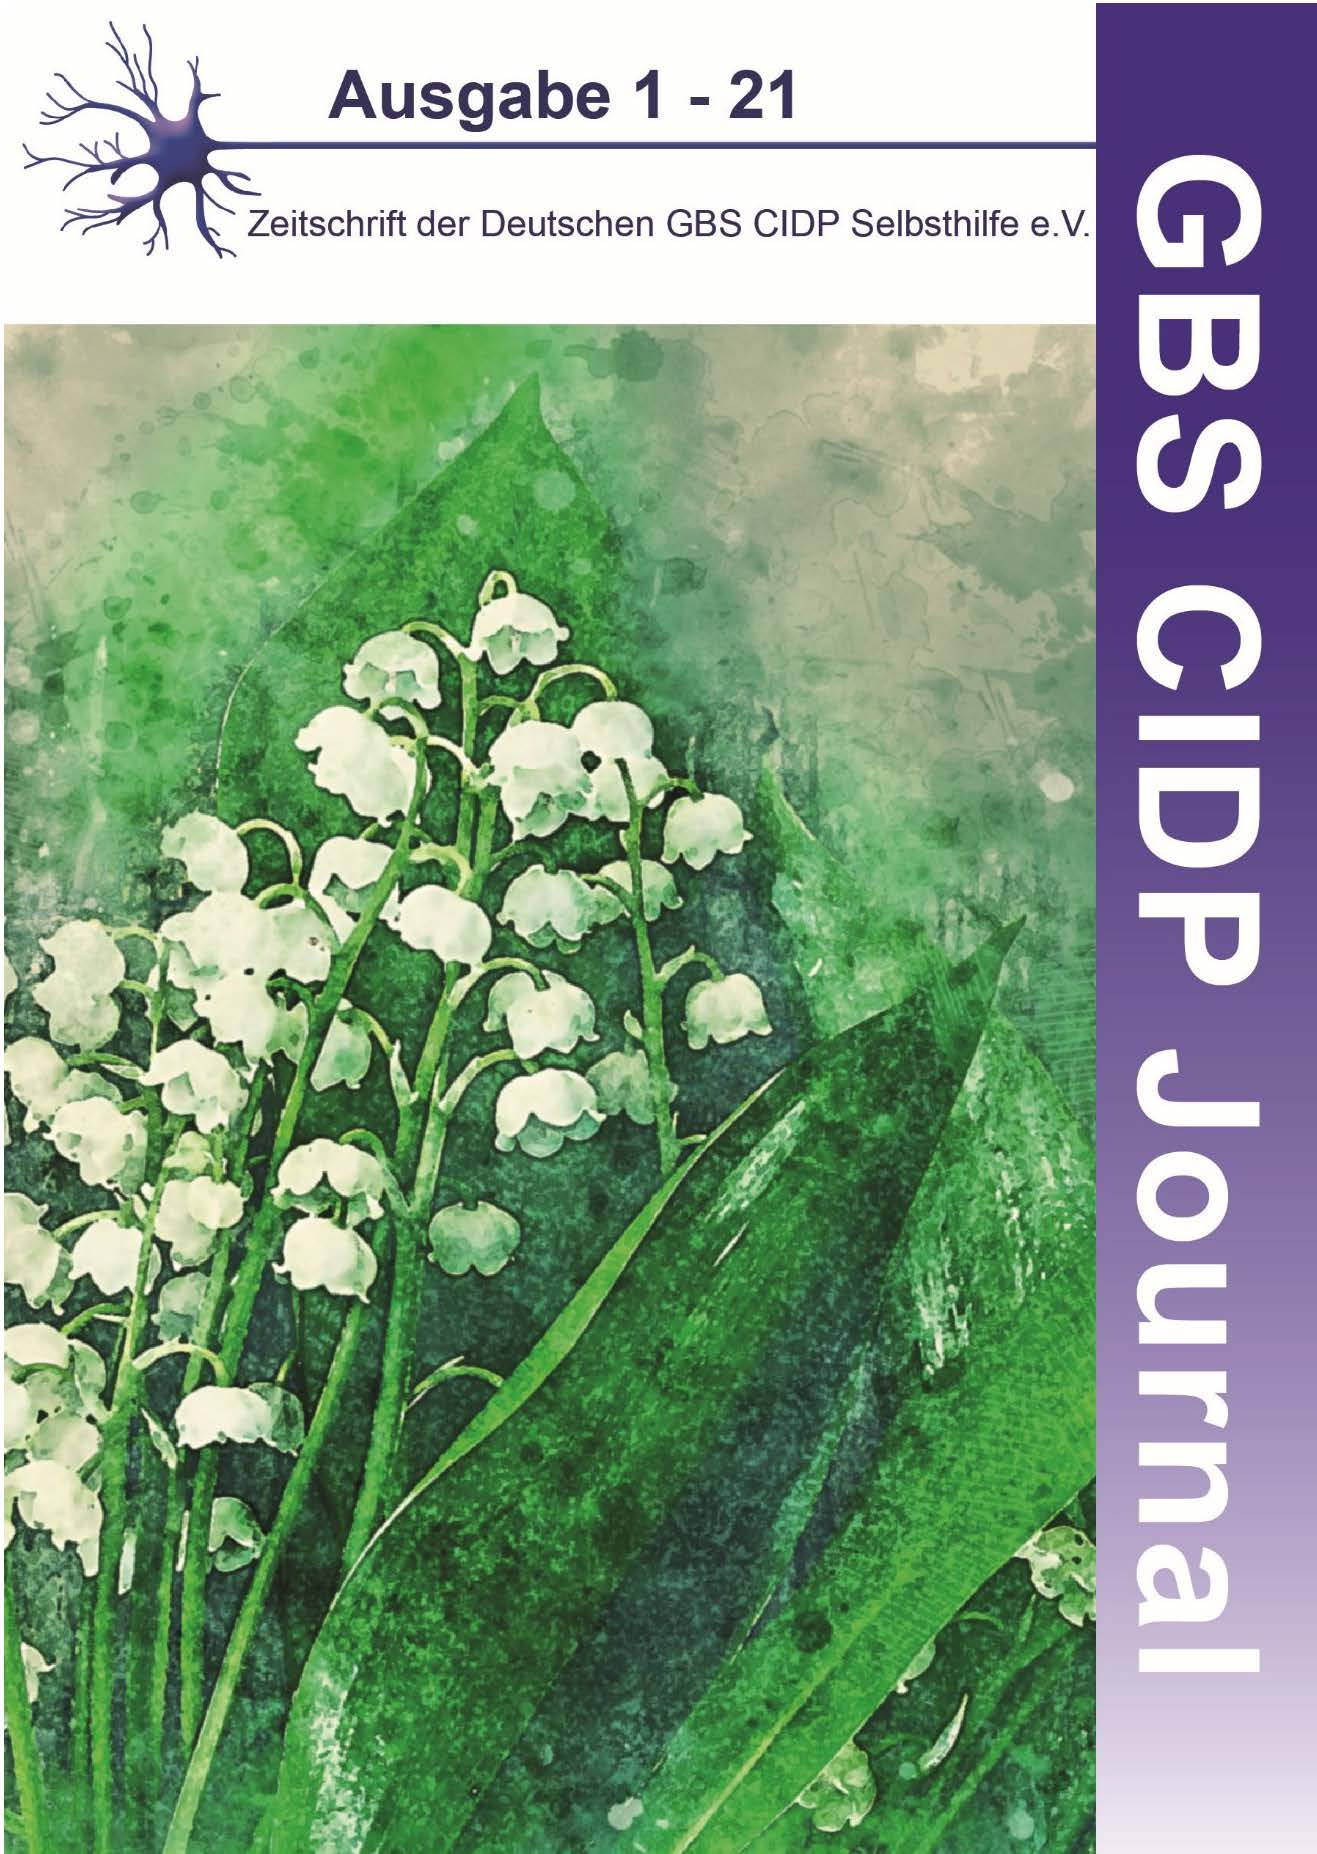 GBS CIDP Journal 1/21